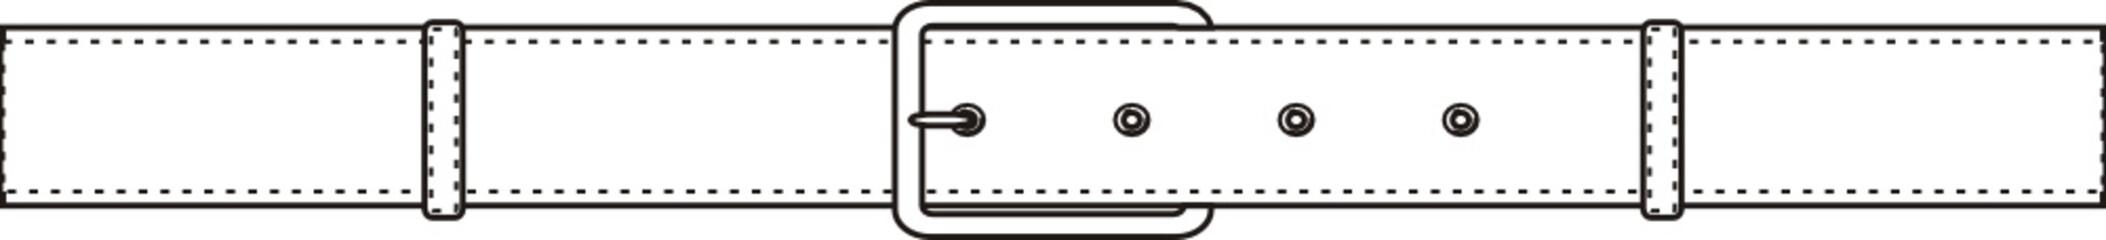 cinturon 01